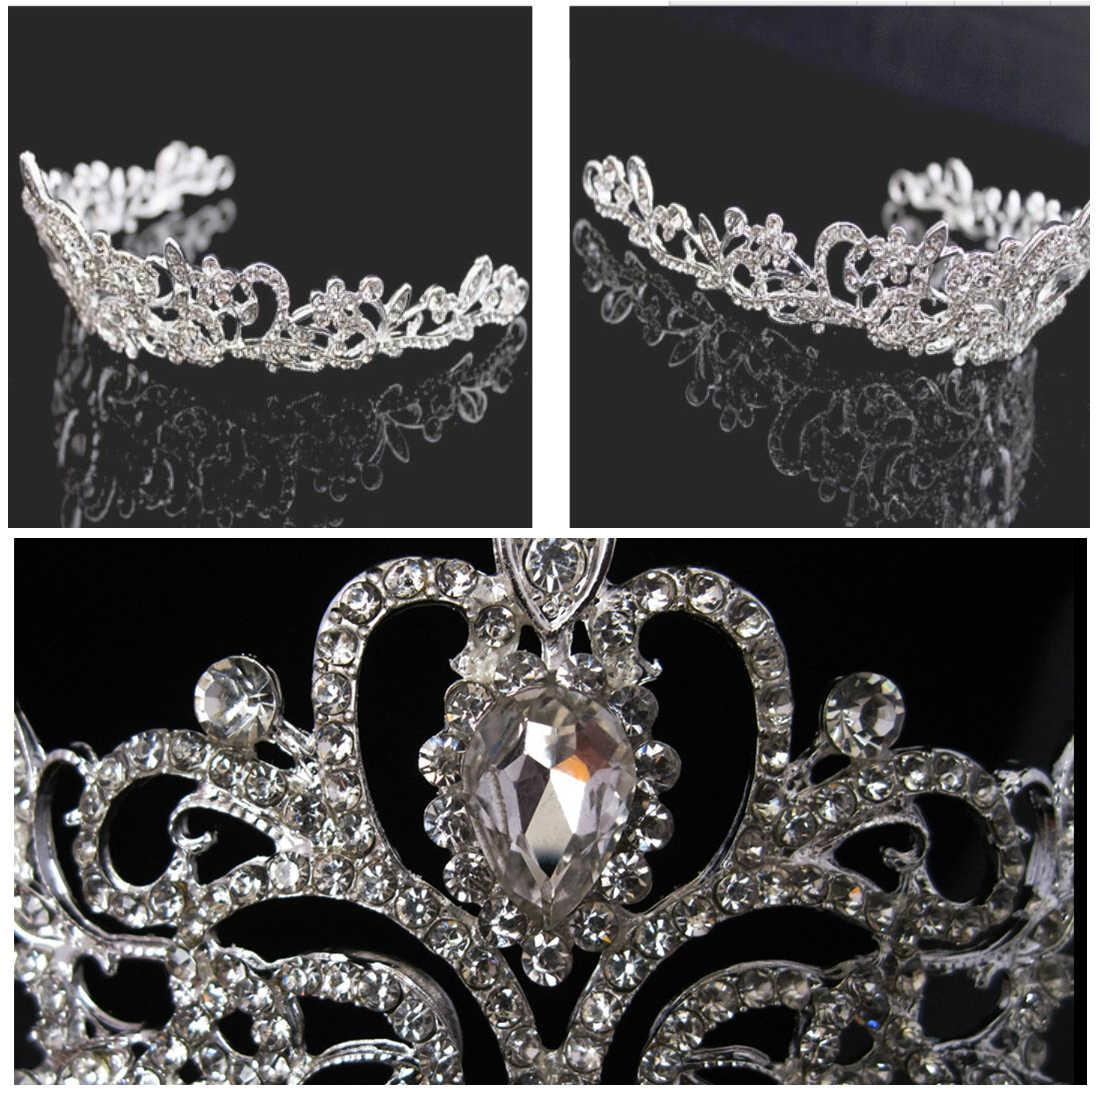 חדש עיצובים מדהים כסף קריסטל כלה נזר כתר כלה סרטי ראש נשים חתונת שיער תכשיטי אביזרי 1pcs